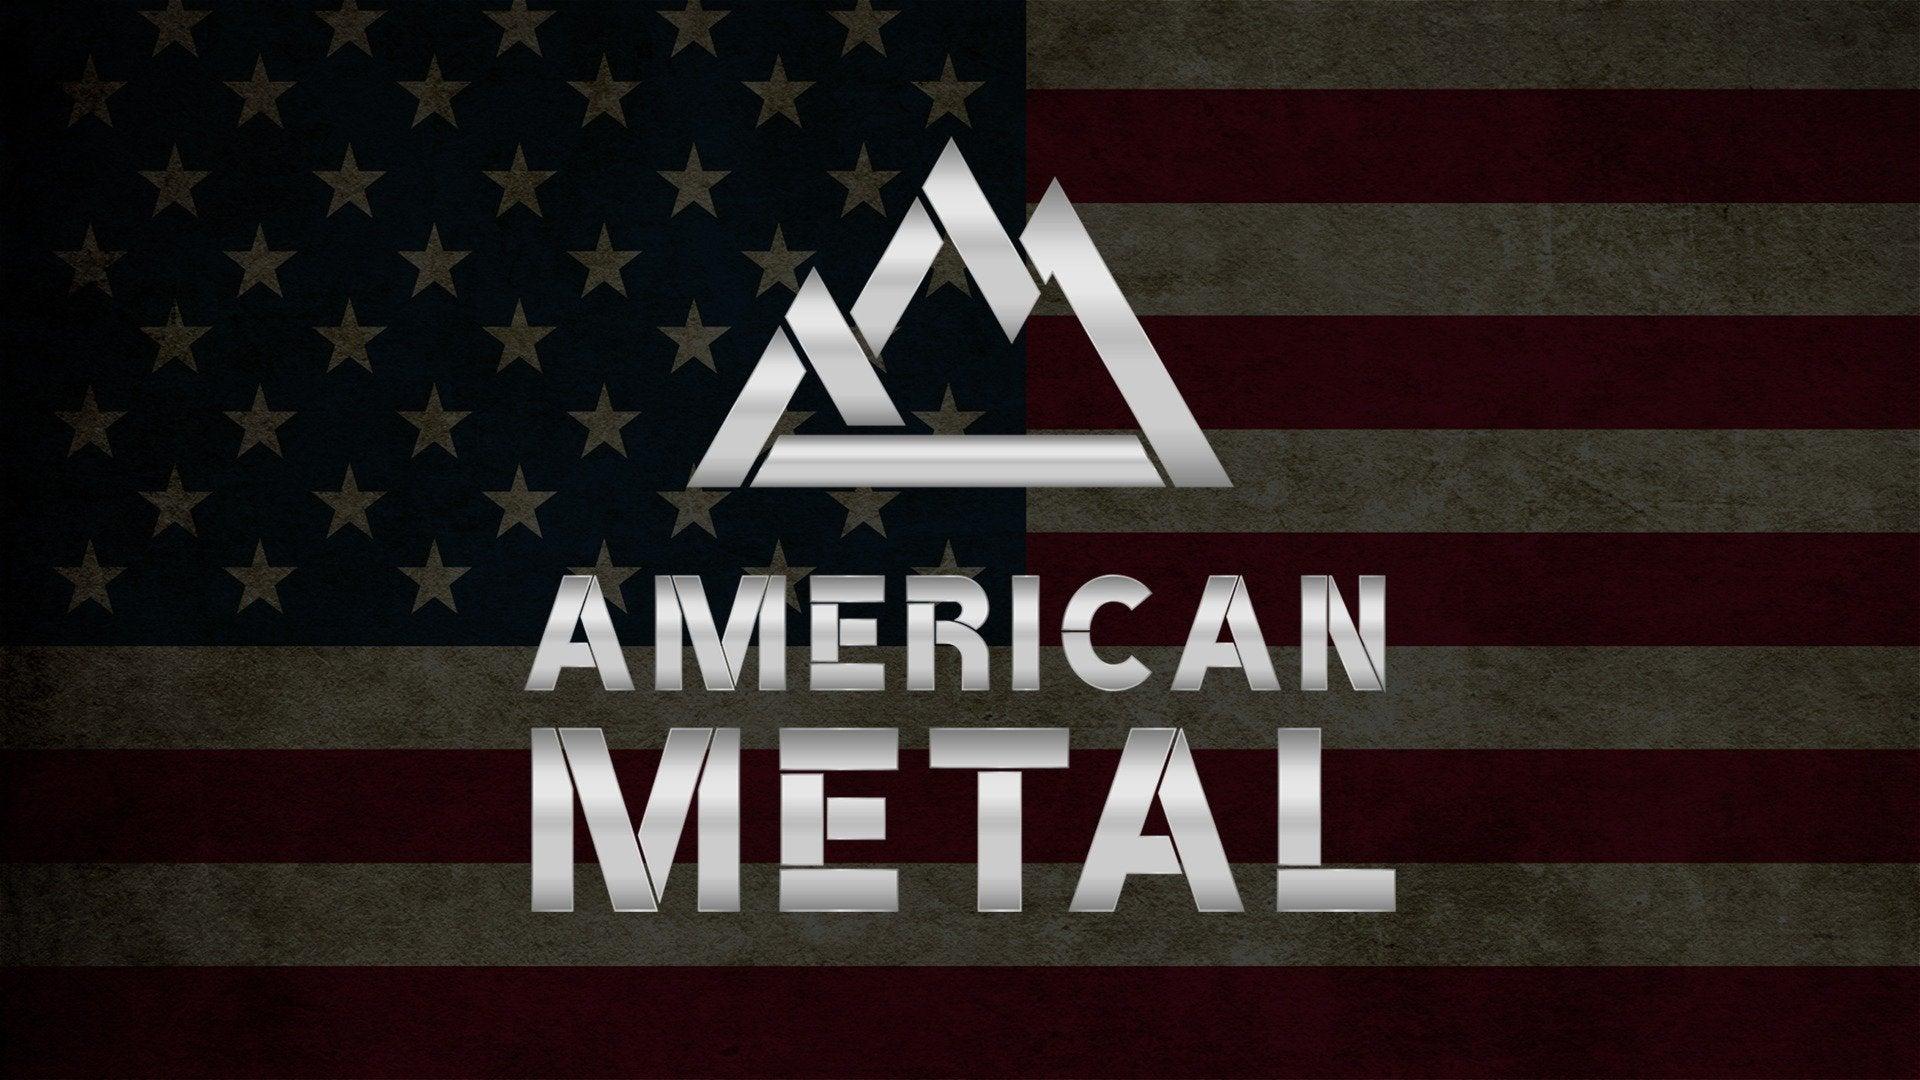 American Metal